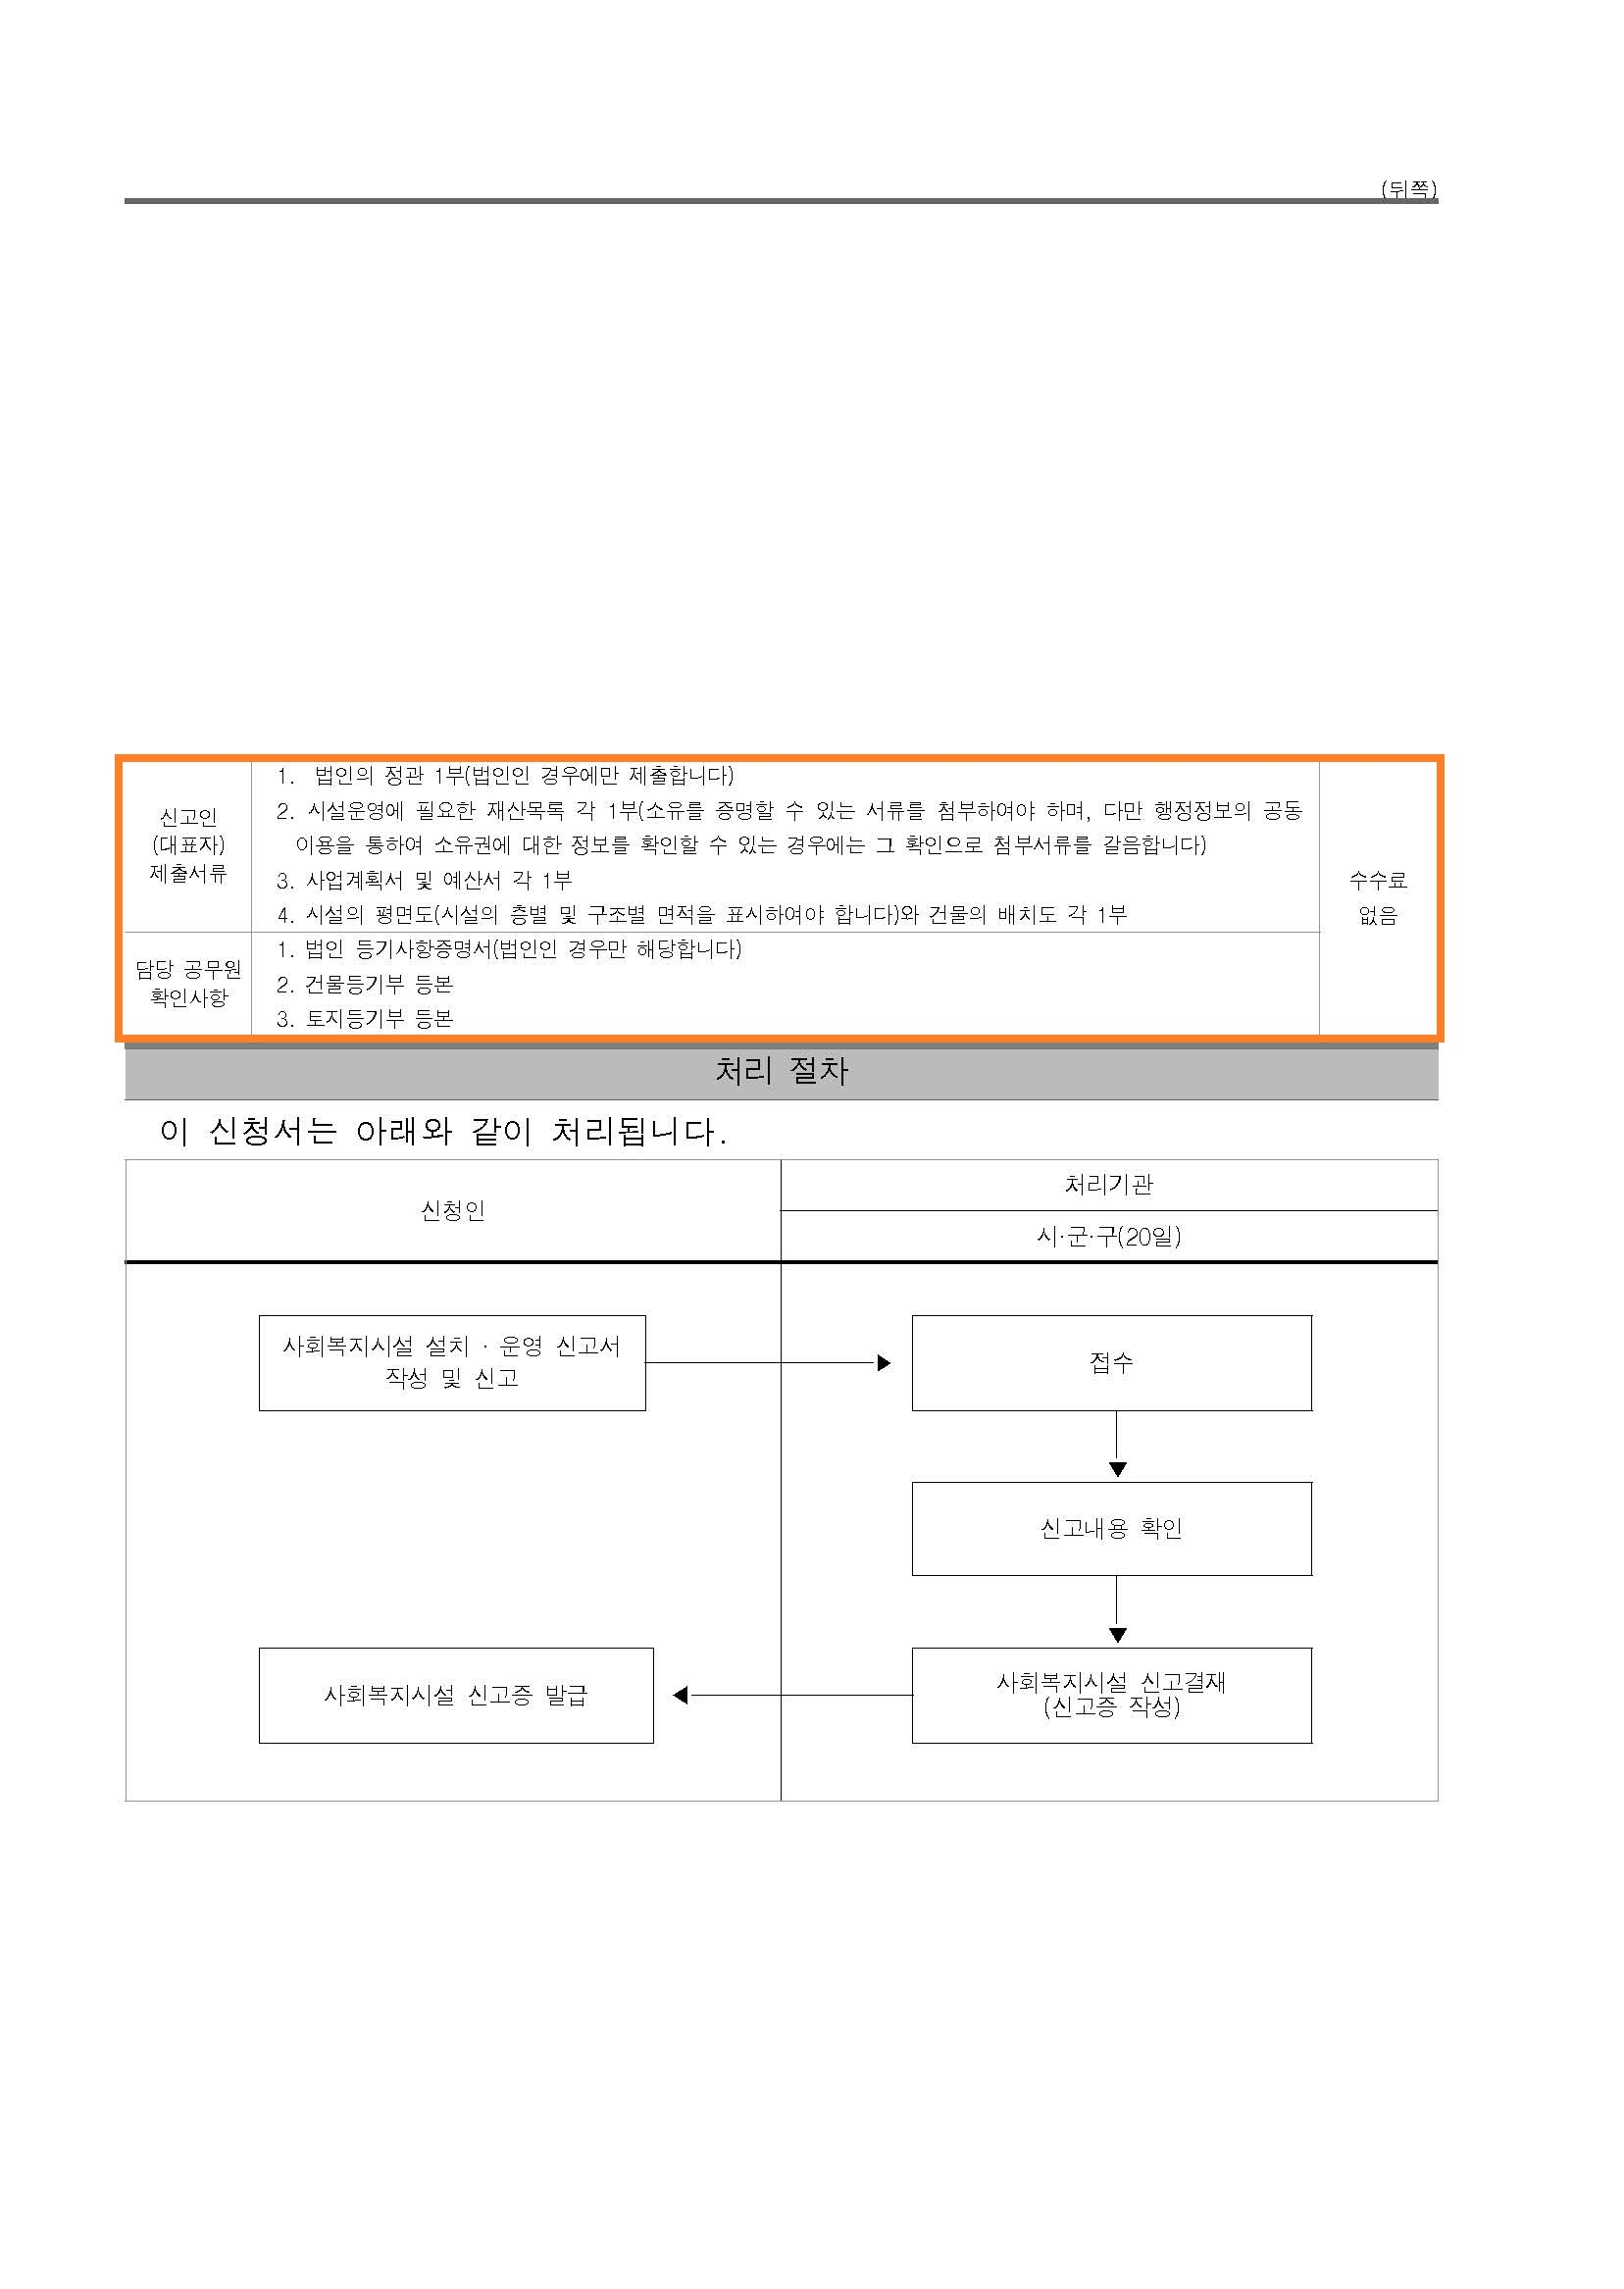 [별지 제15호서식] 사회복지시설 설치ㆍ운영 신고서_페이지_2.jpg